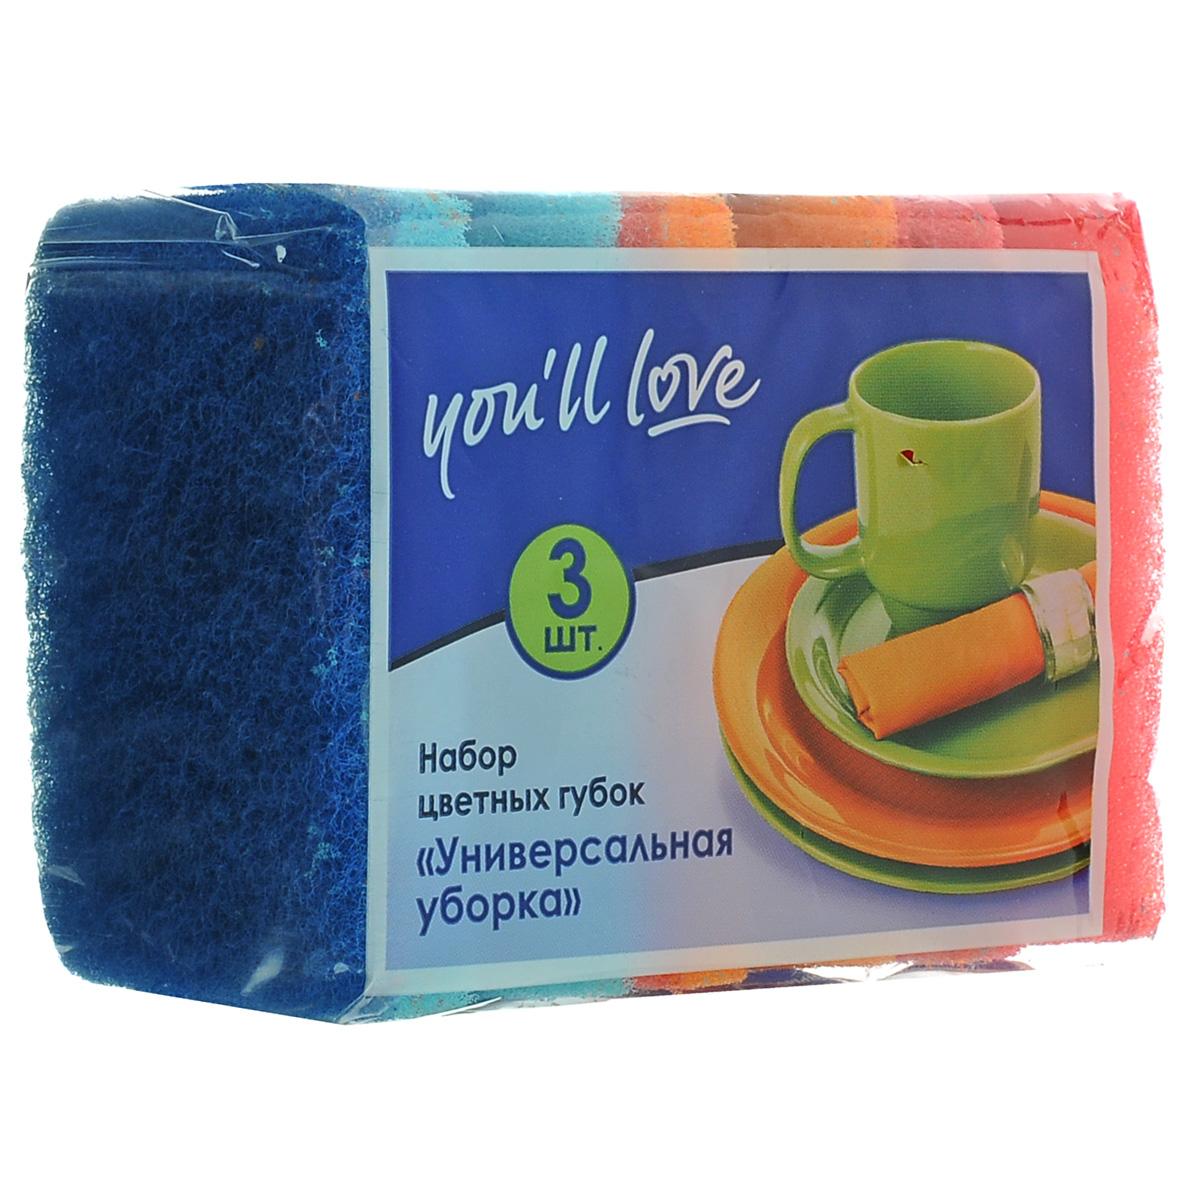 Губка для мытья посуды You'll love Универсальная уборка, 3 шт губка для мытья посуды фозет мини соты 2 шт